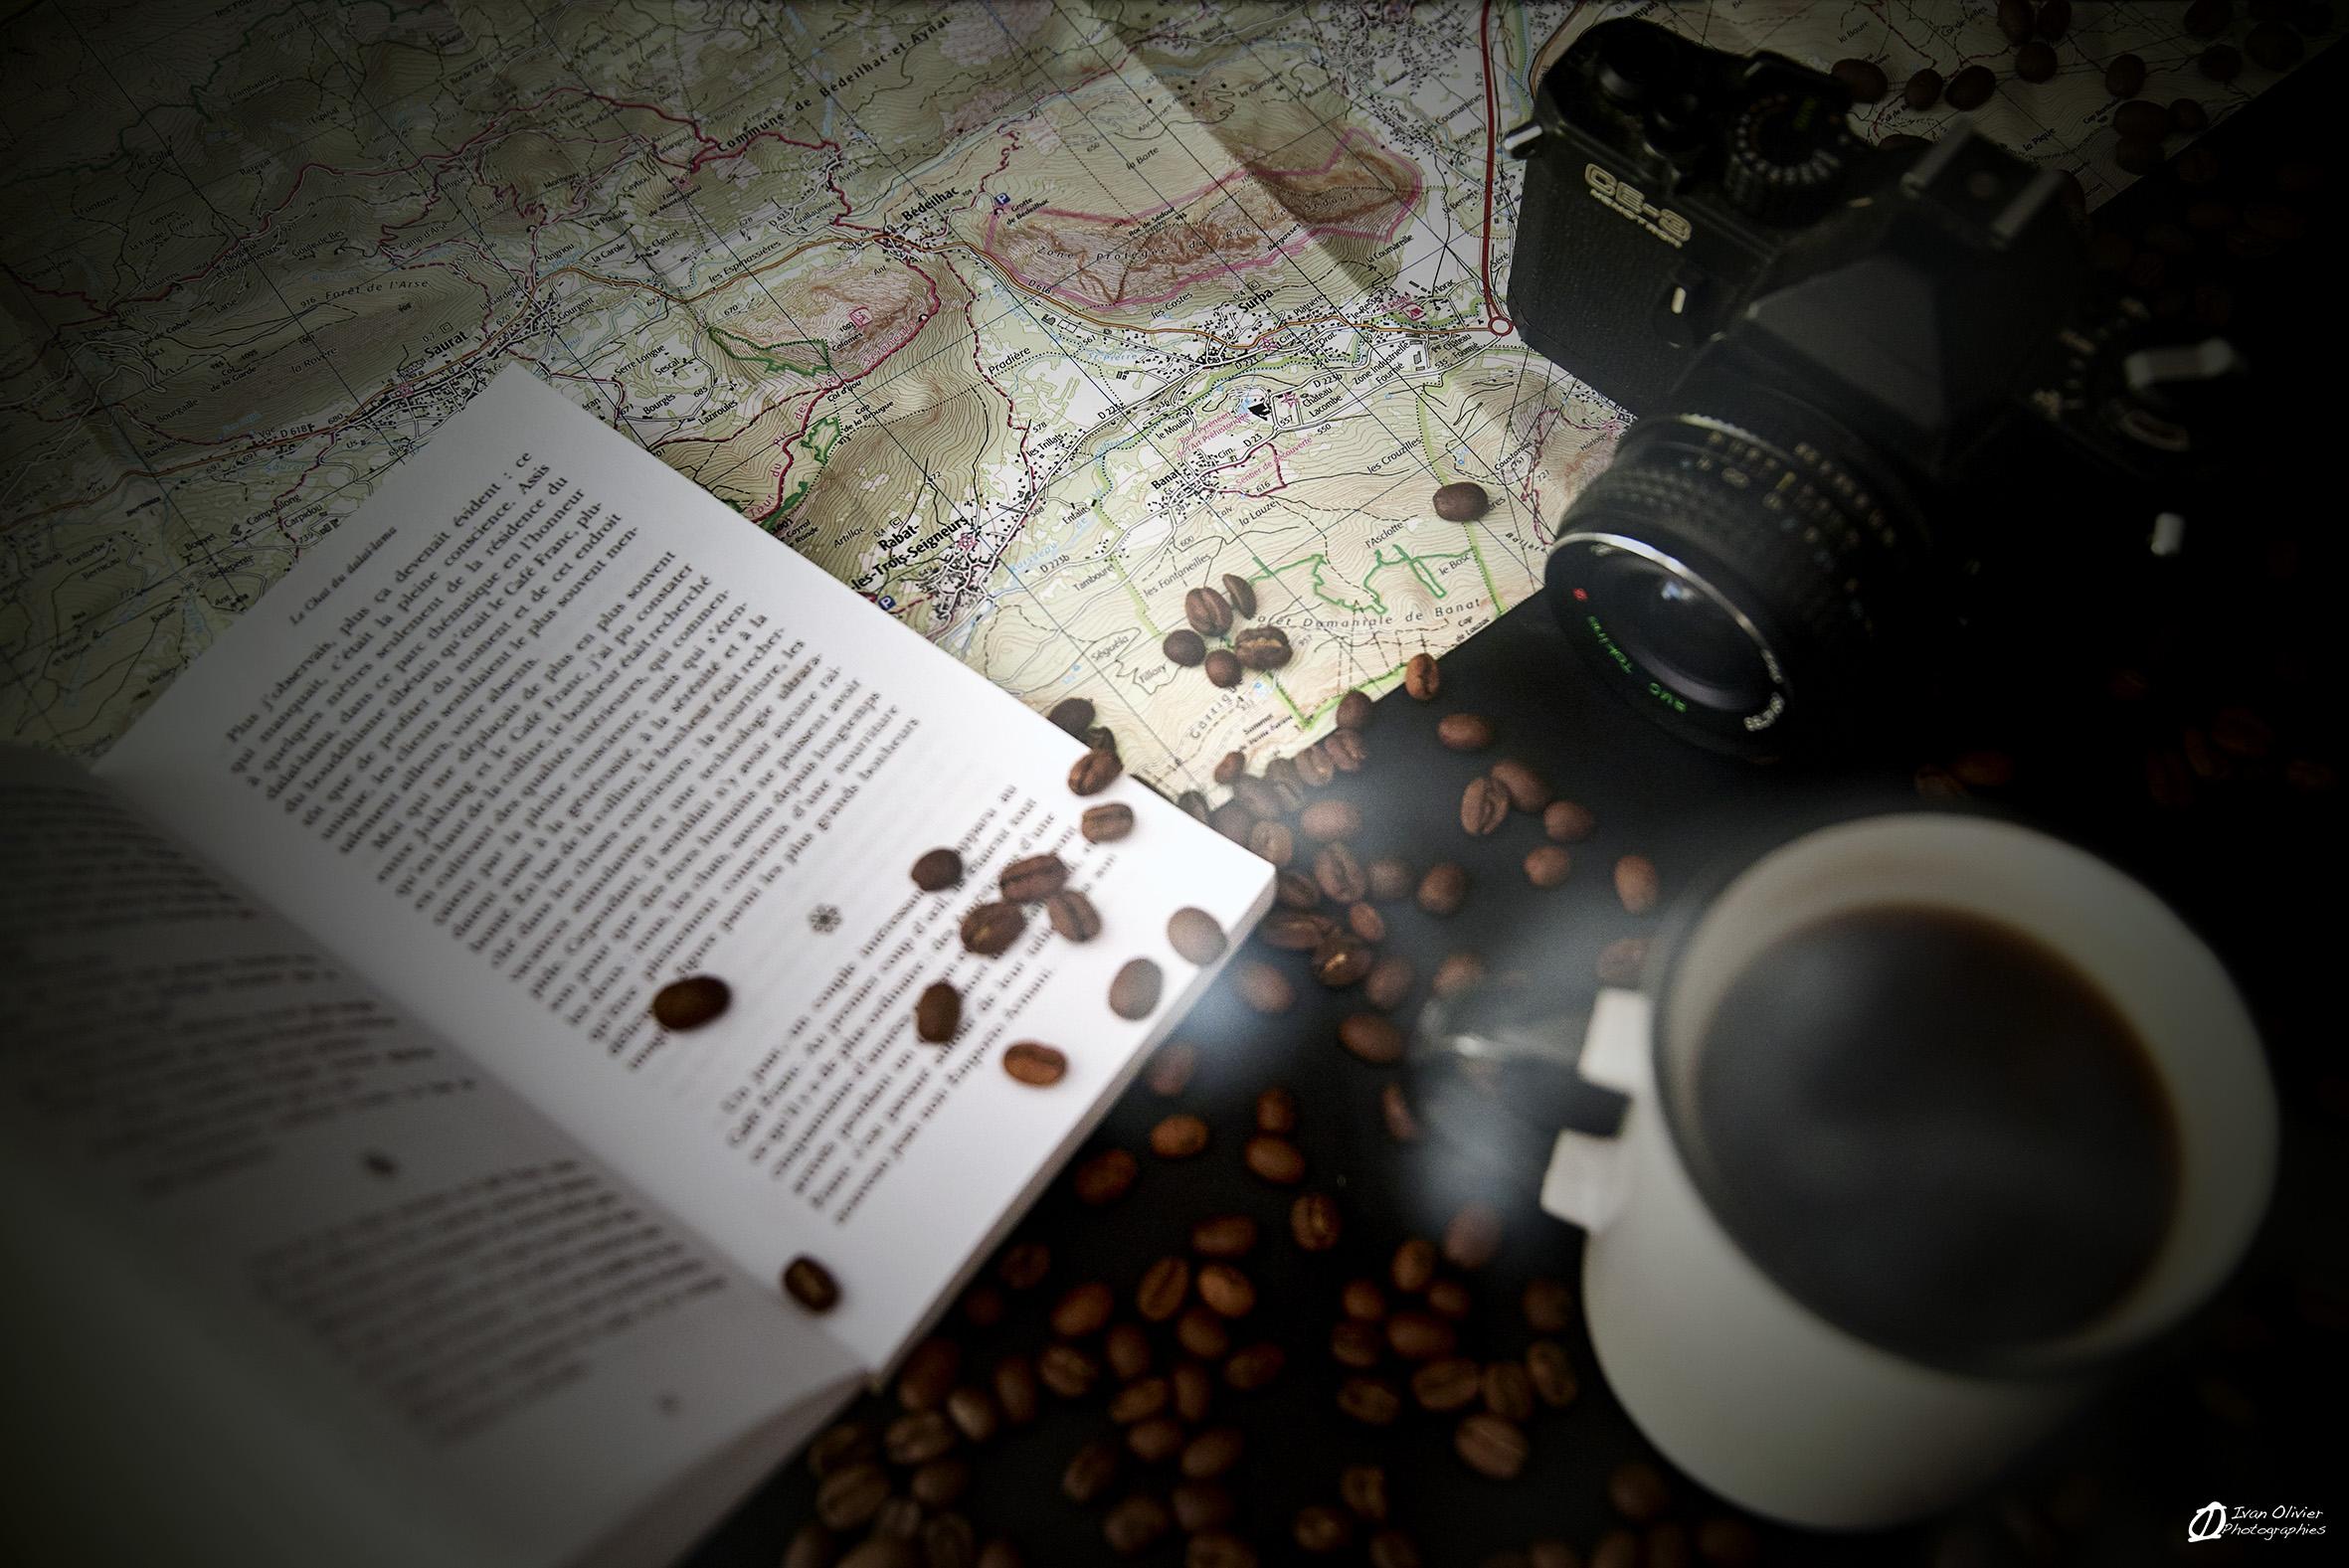 Prendre le temps, prendre des informations, les bases pour aller en montagne, comme dans la vie!